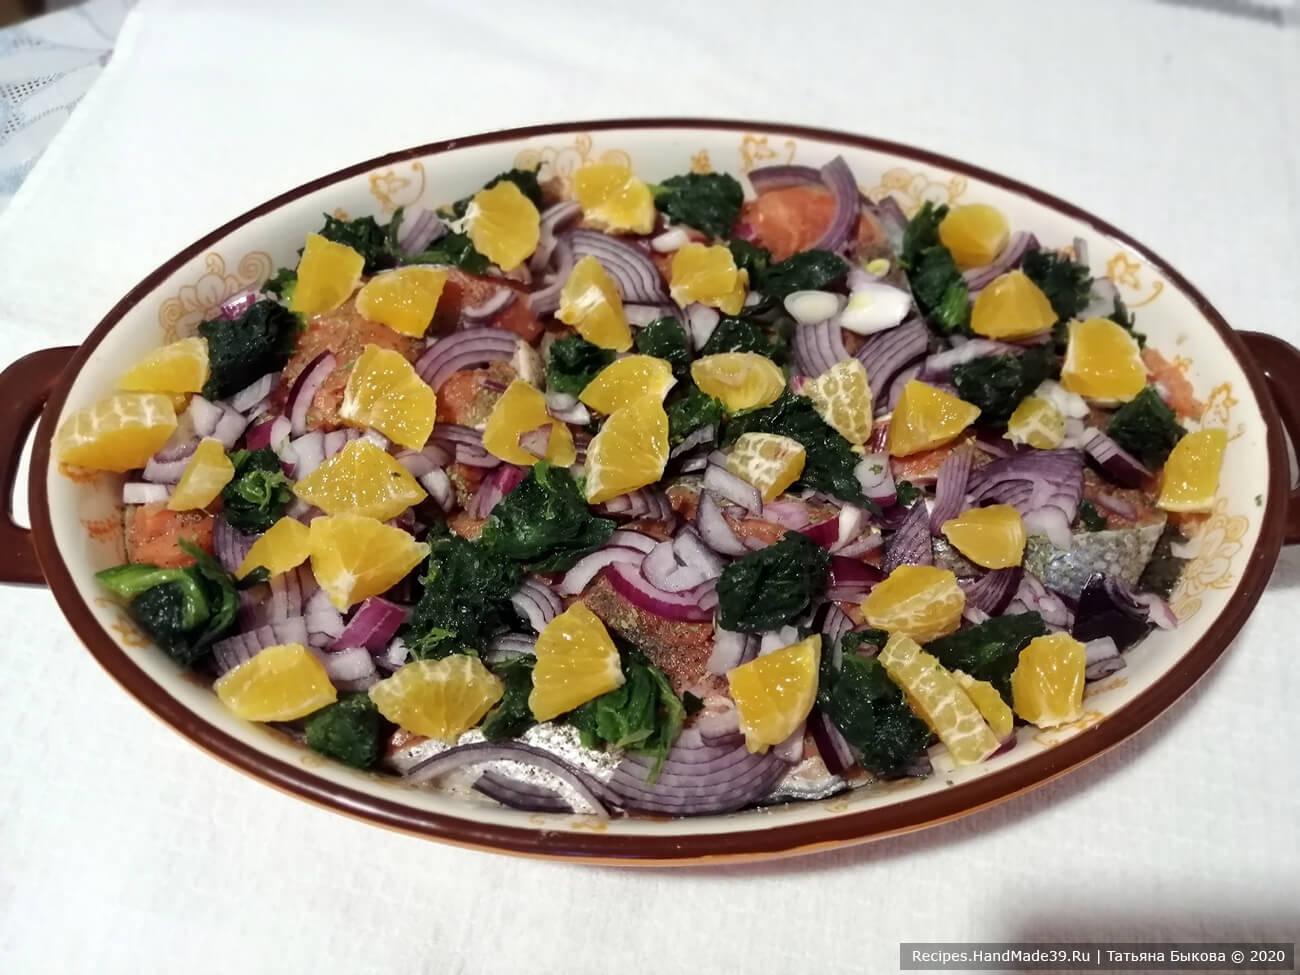 Выложить лук, мандарины и шпинат сверху рыбы. Залить подготовленную рыбу соусом